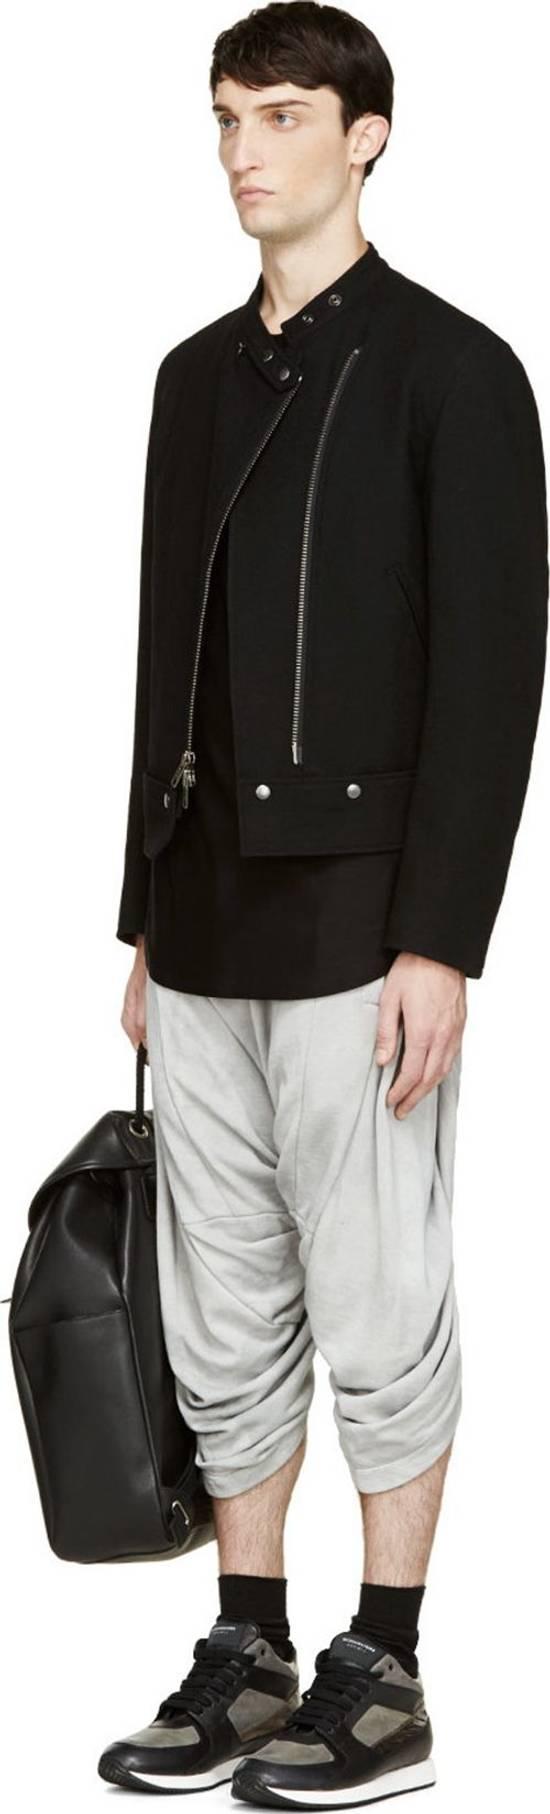 Julius Julius Sarouel Shorts - Grey - Size 1 Size US 29 - 2